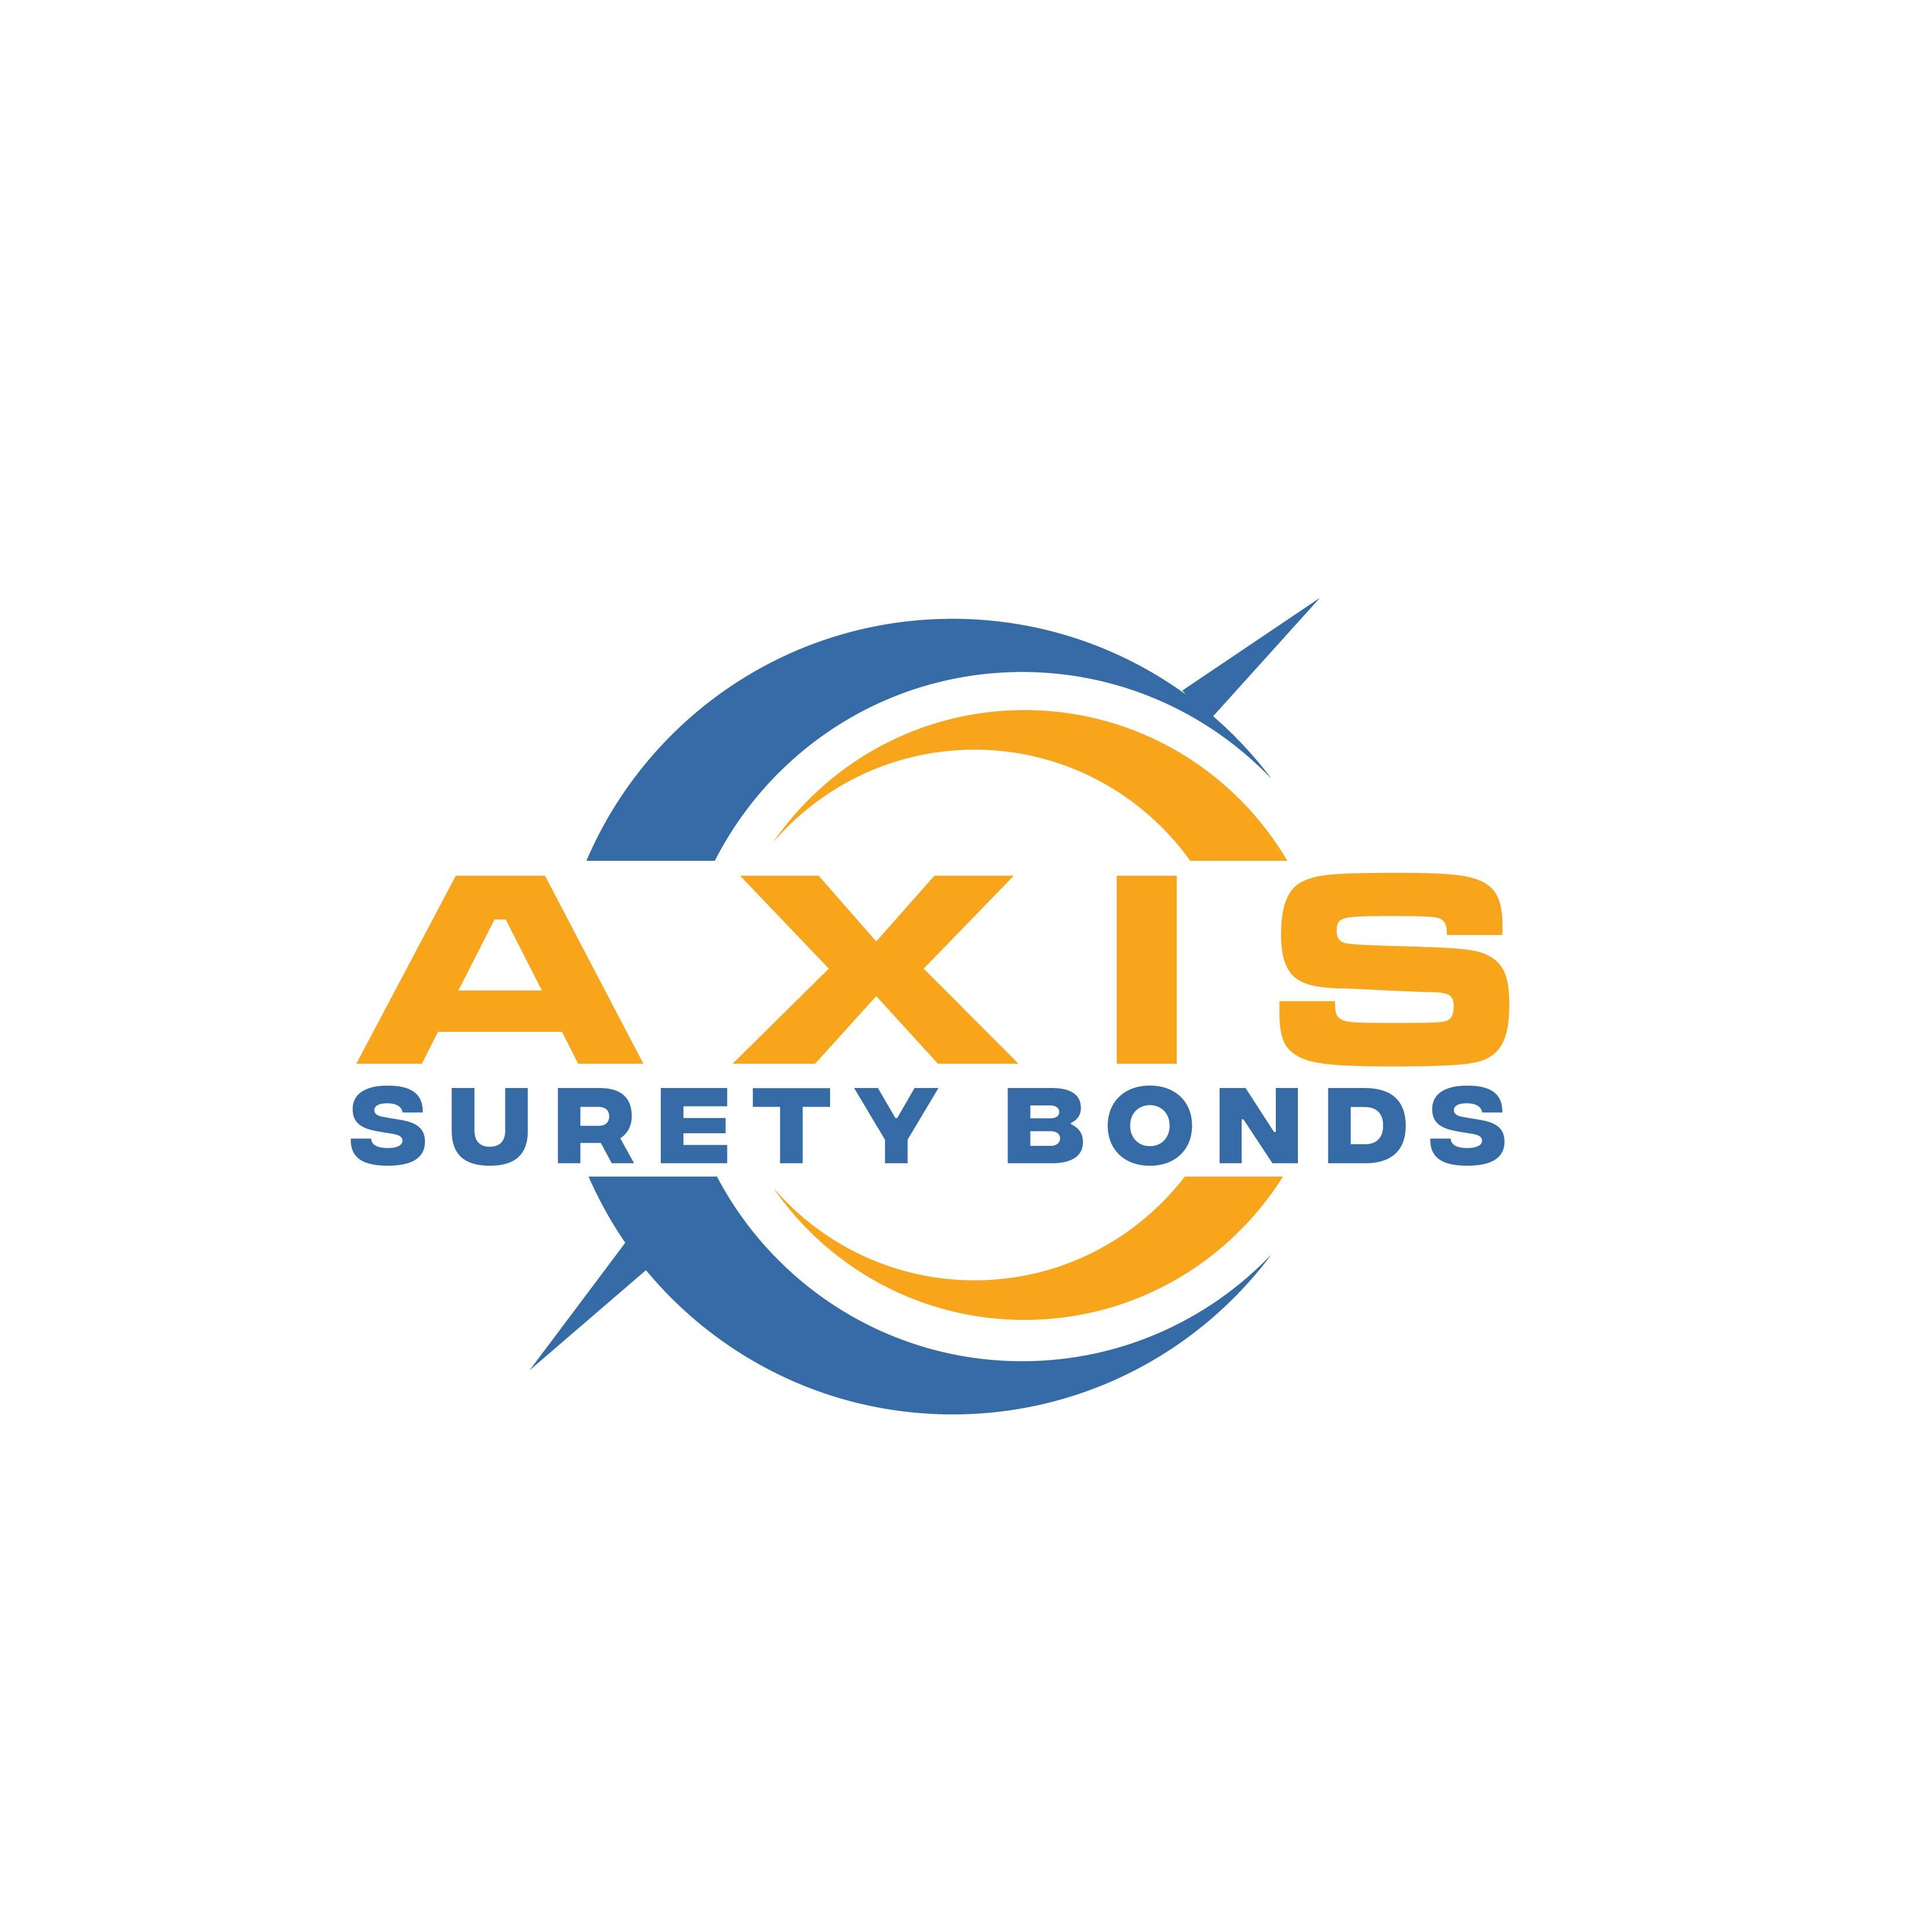 Axis Surety Bonds - Contest